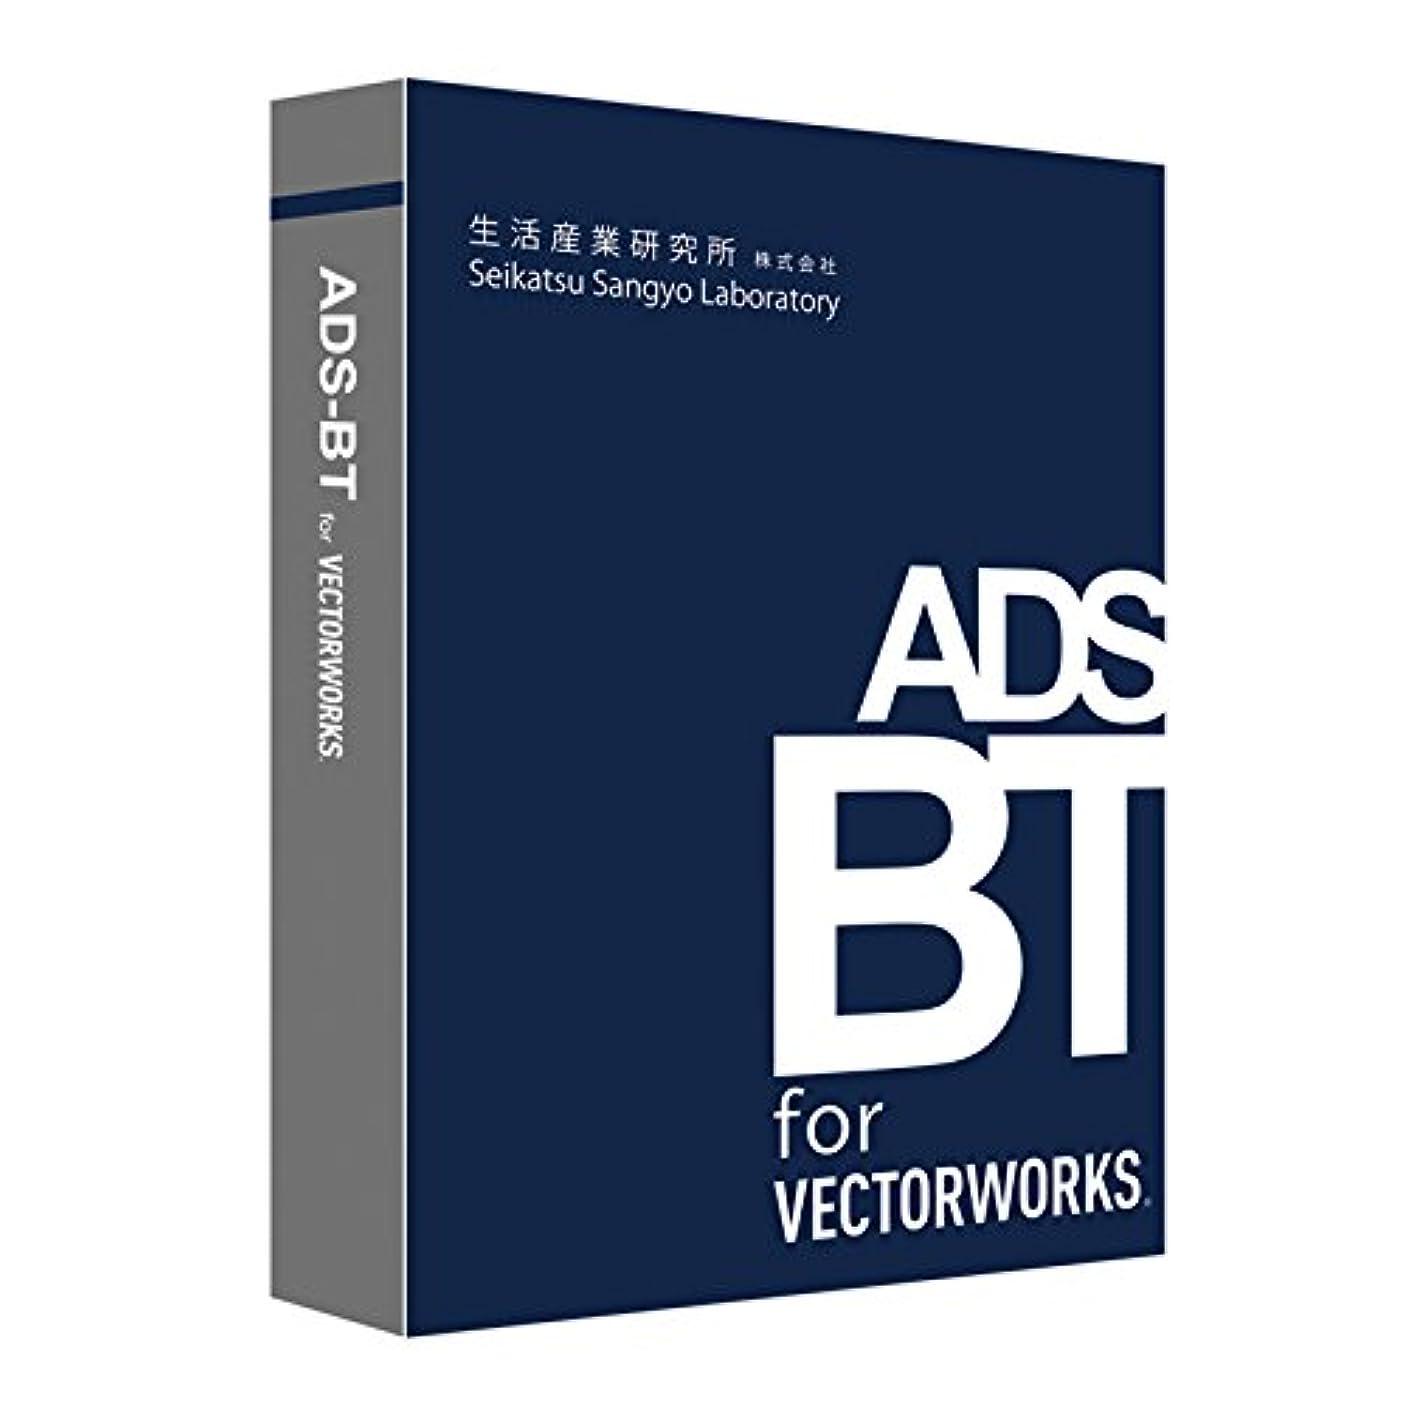 経験的慢性的同化するADS-BT for Vectorworks 2018 スタンドアロン版用